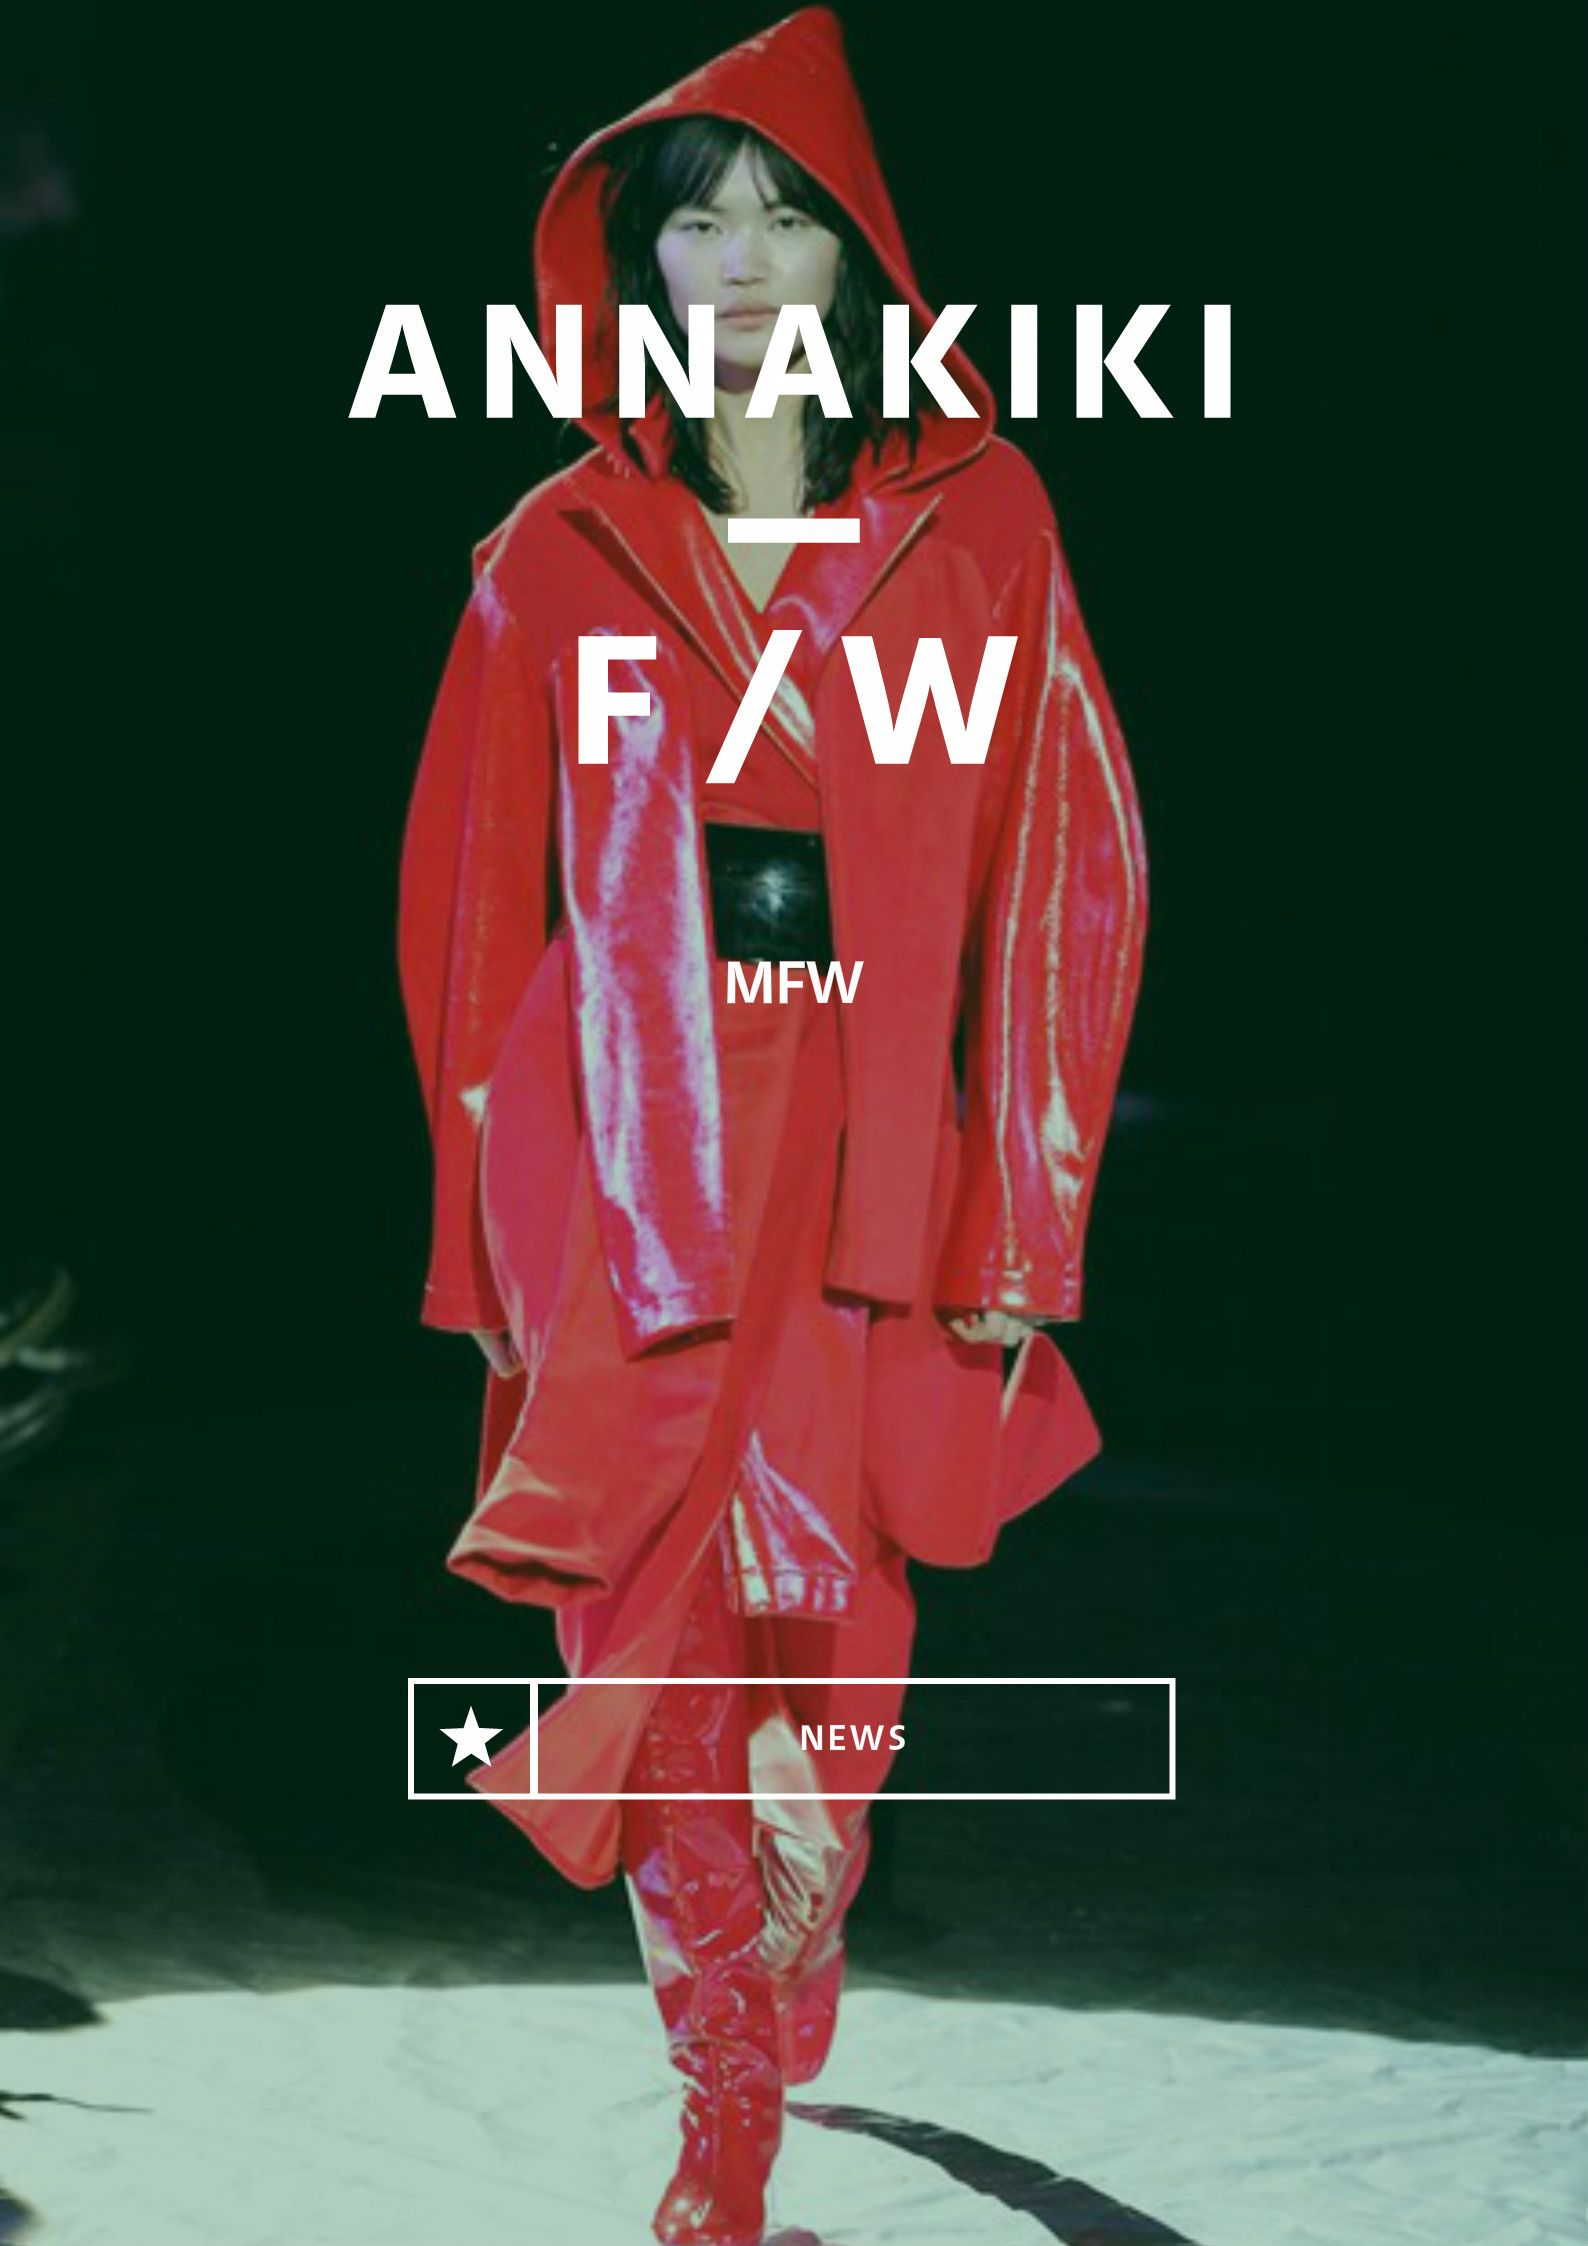 ANNAKIKI FW17/18 #UnsolvedMysteries